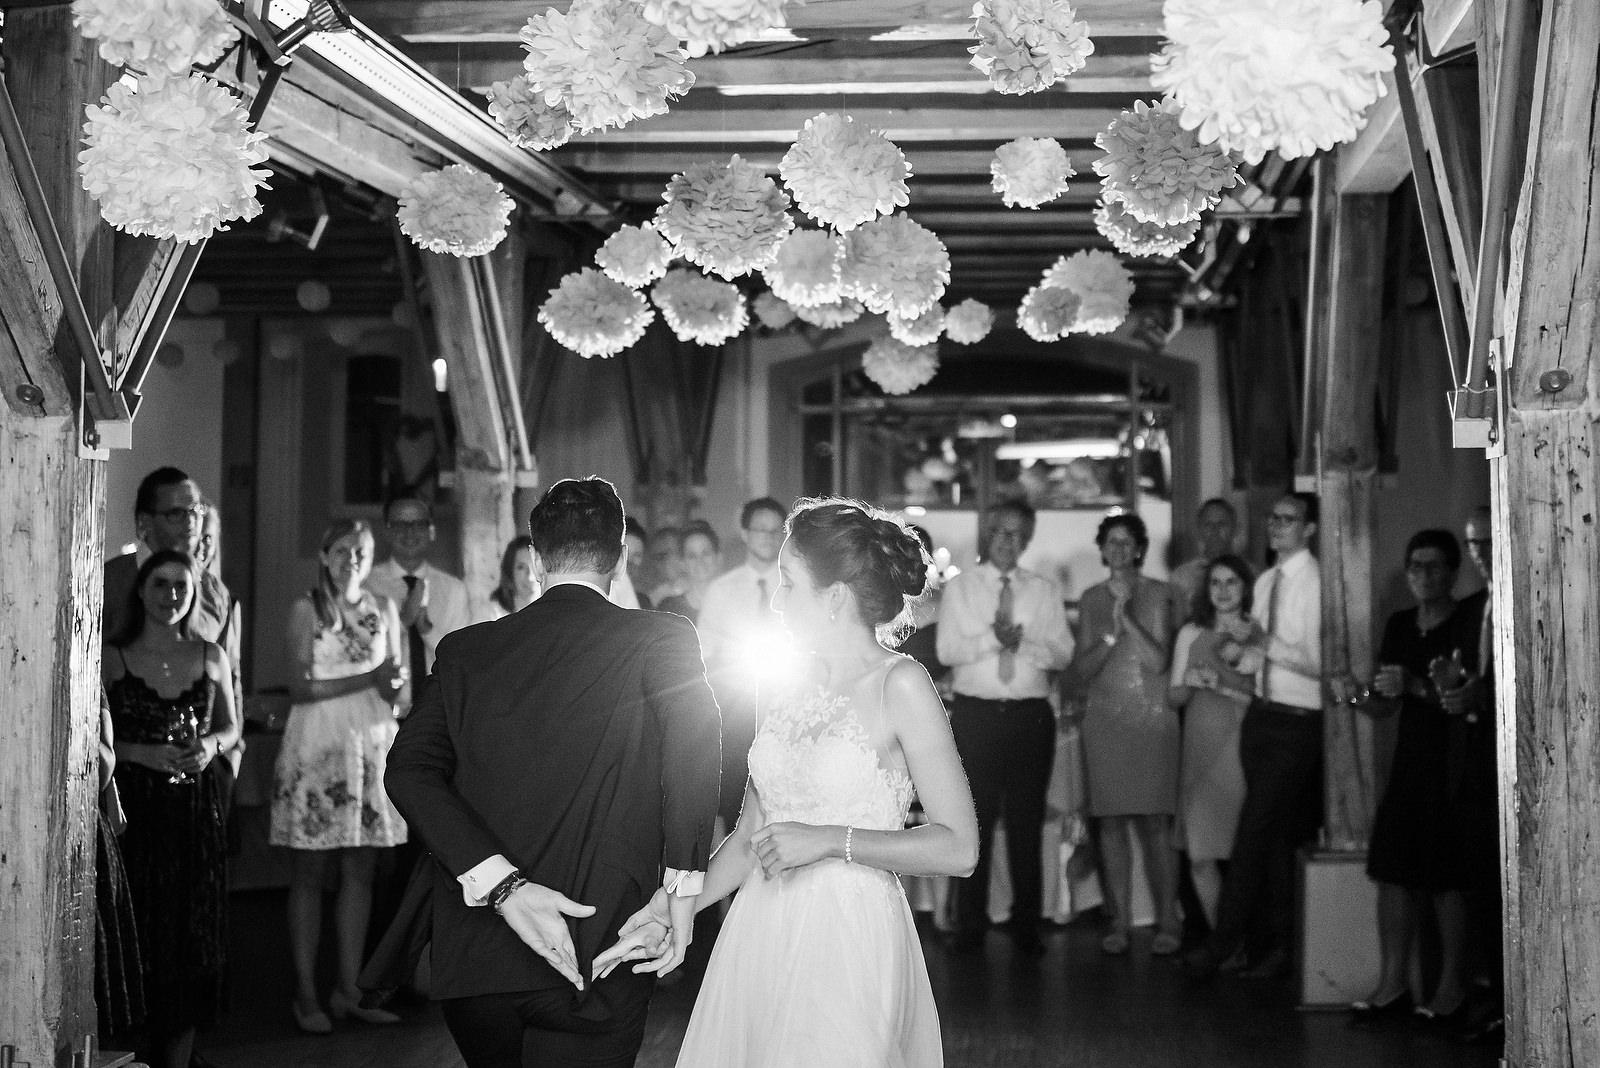 Fotograf Konstanz - Hochzeitsfotograf Bodensee Zollhaus Ludwigshafen Hochzeit Konstanz EFP 137 - Hochzeitsreportage im Zollhaus in Bodman-Ludwigshafen, Bodensee  - 241 -